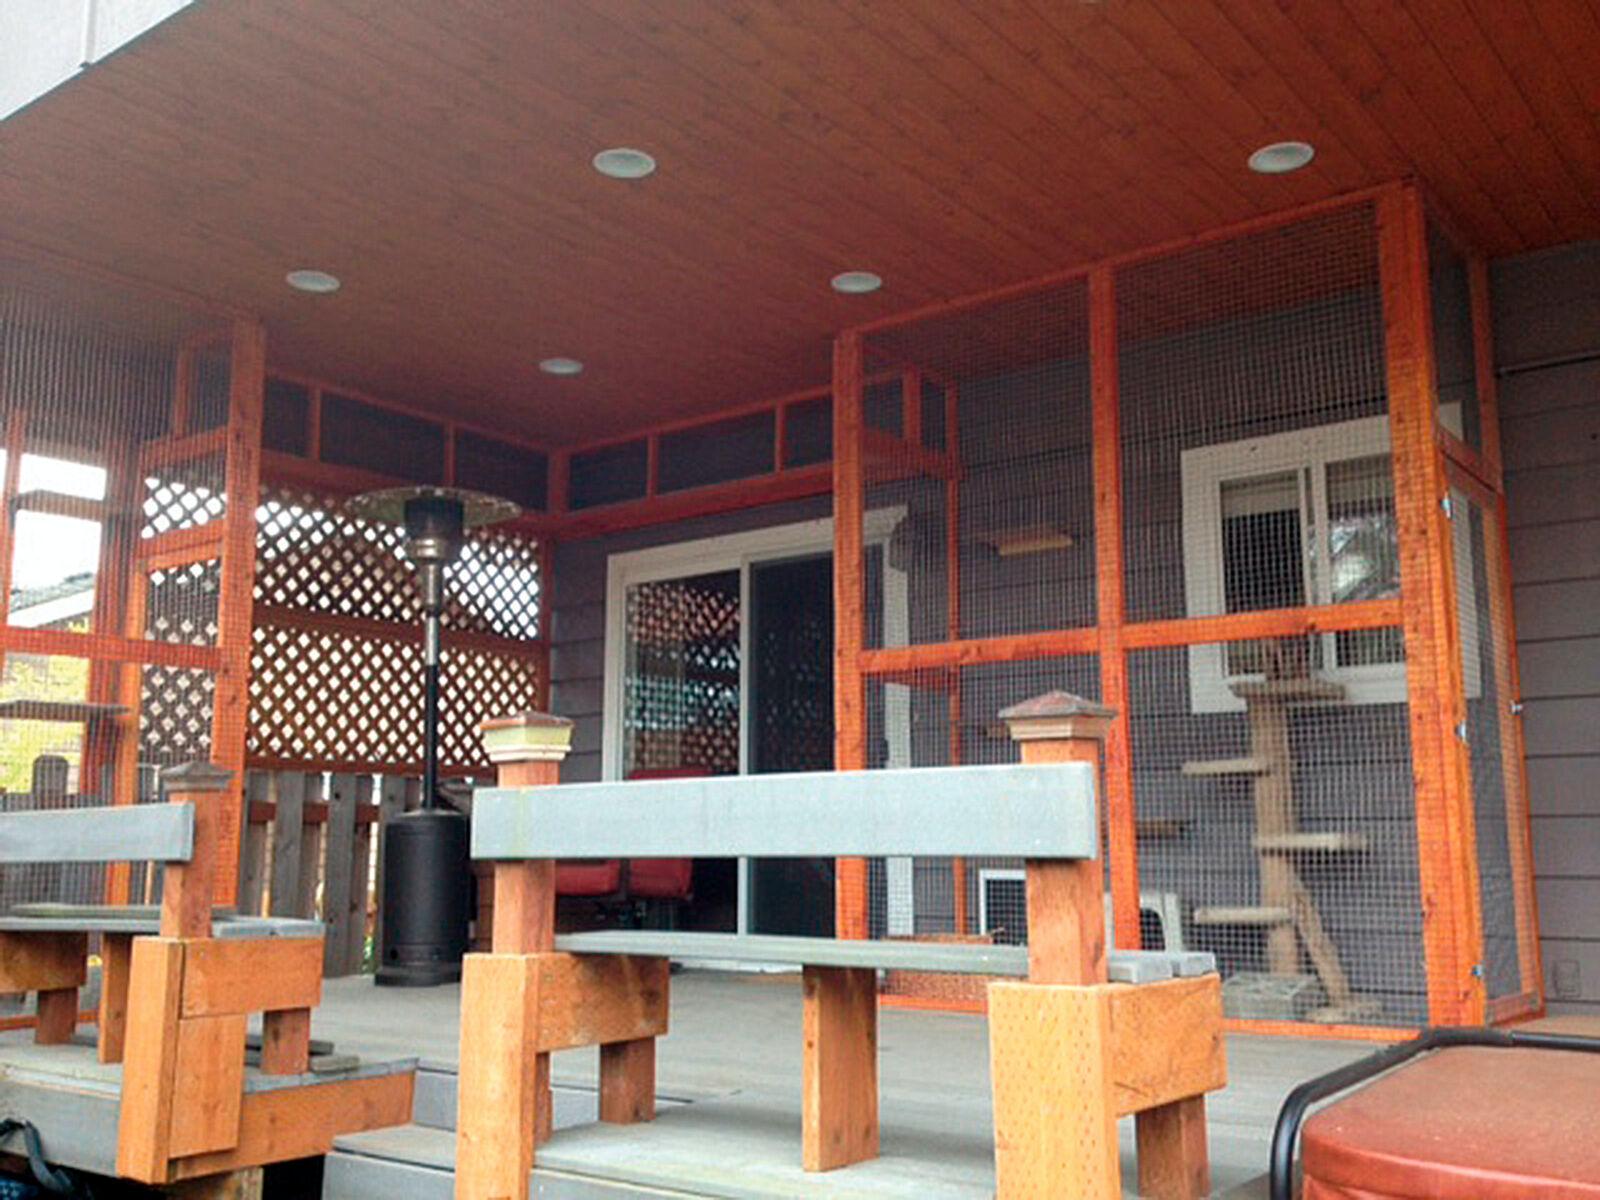 Abbildung 8. Beispiel für einen katzenfreundlichen, eingefriedeten Außenbereich.